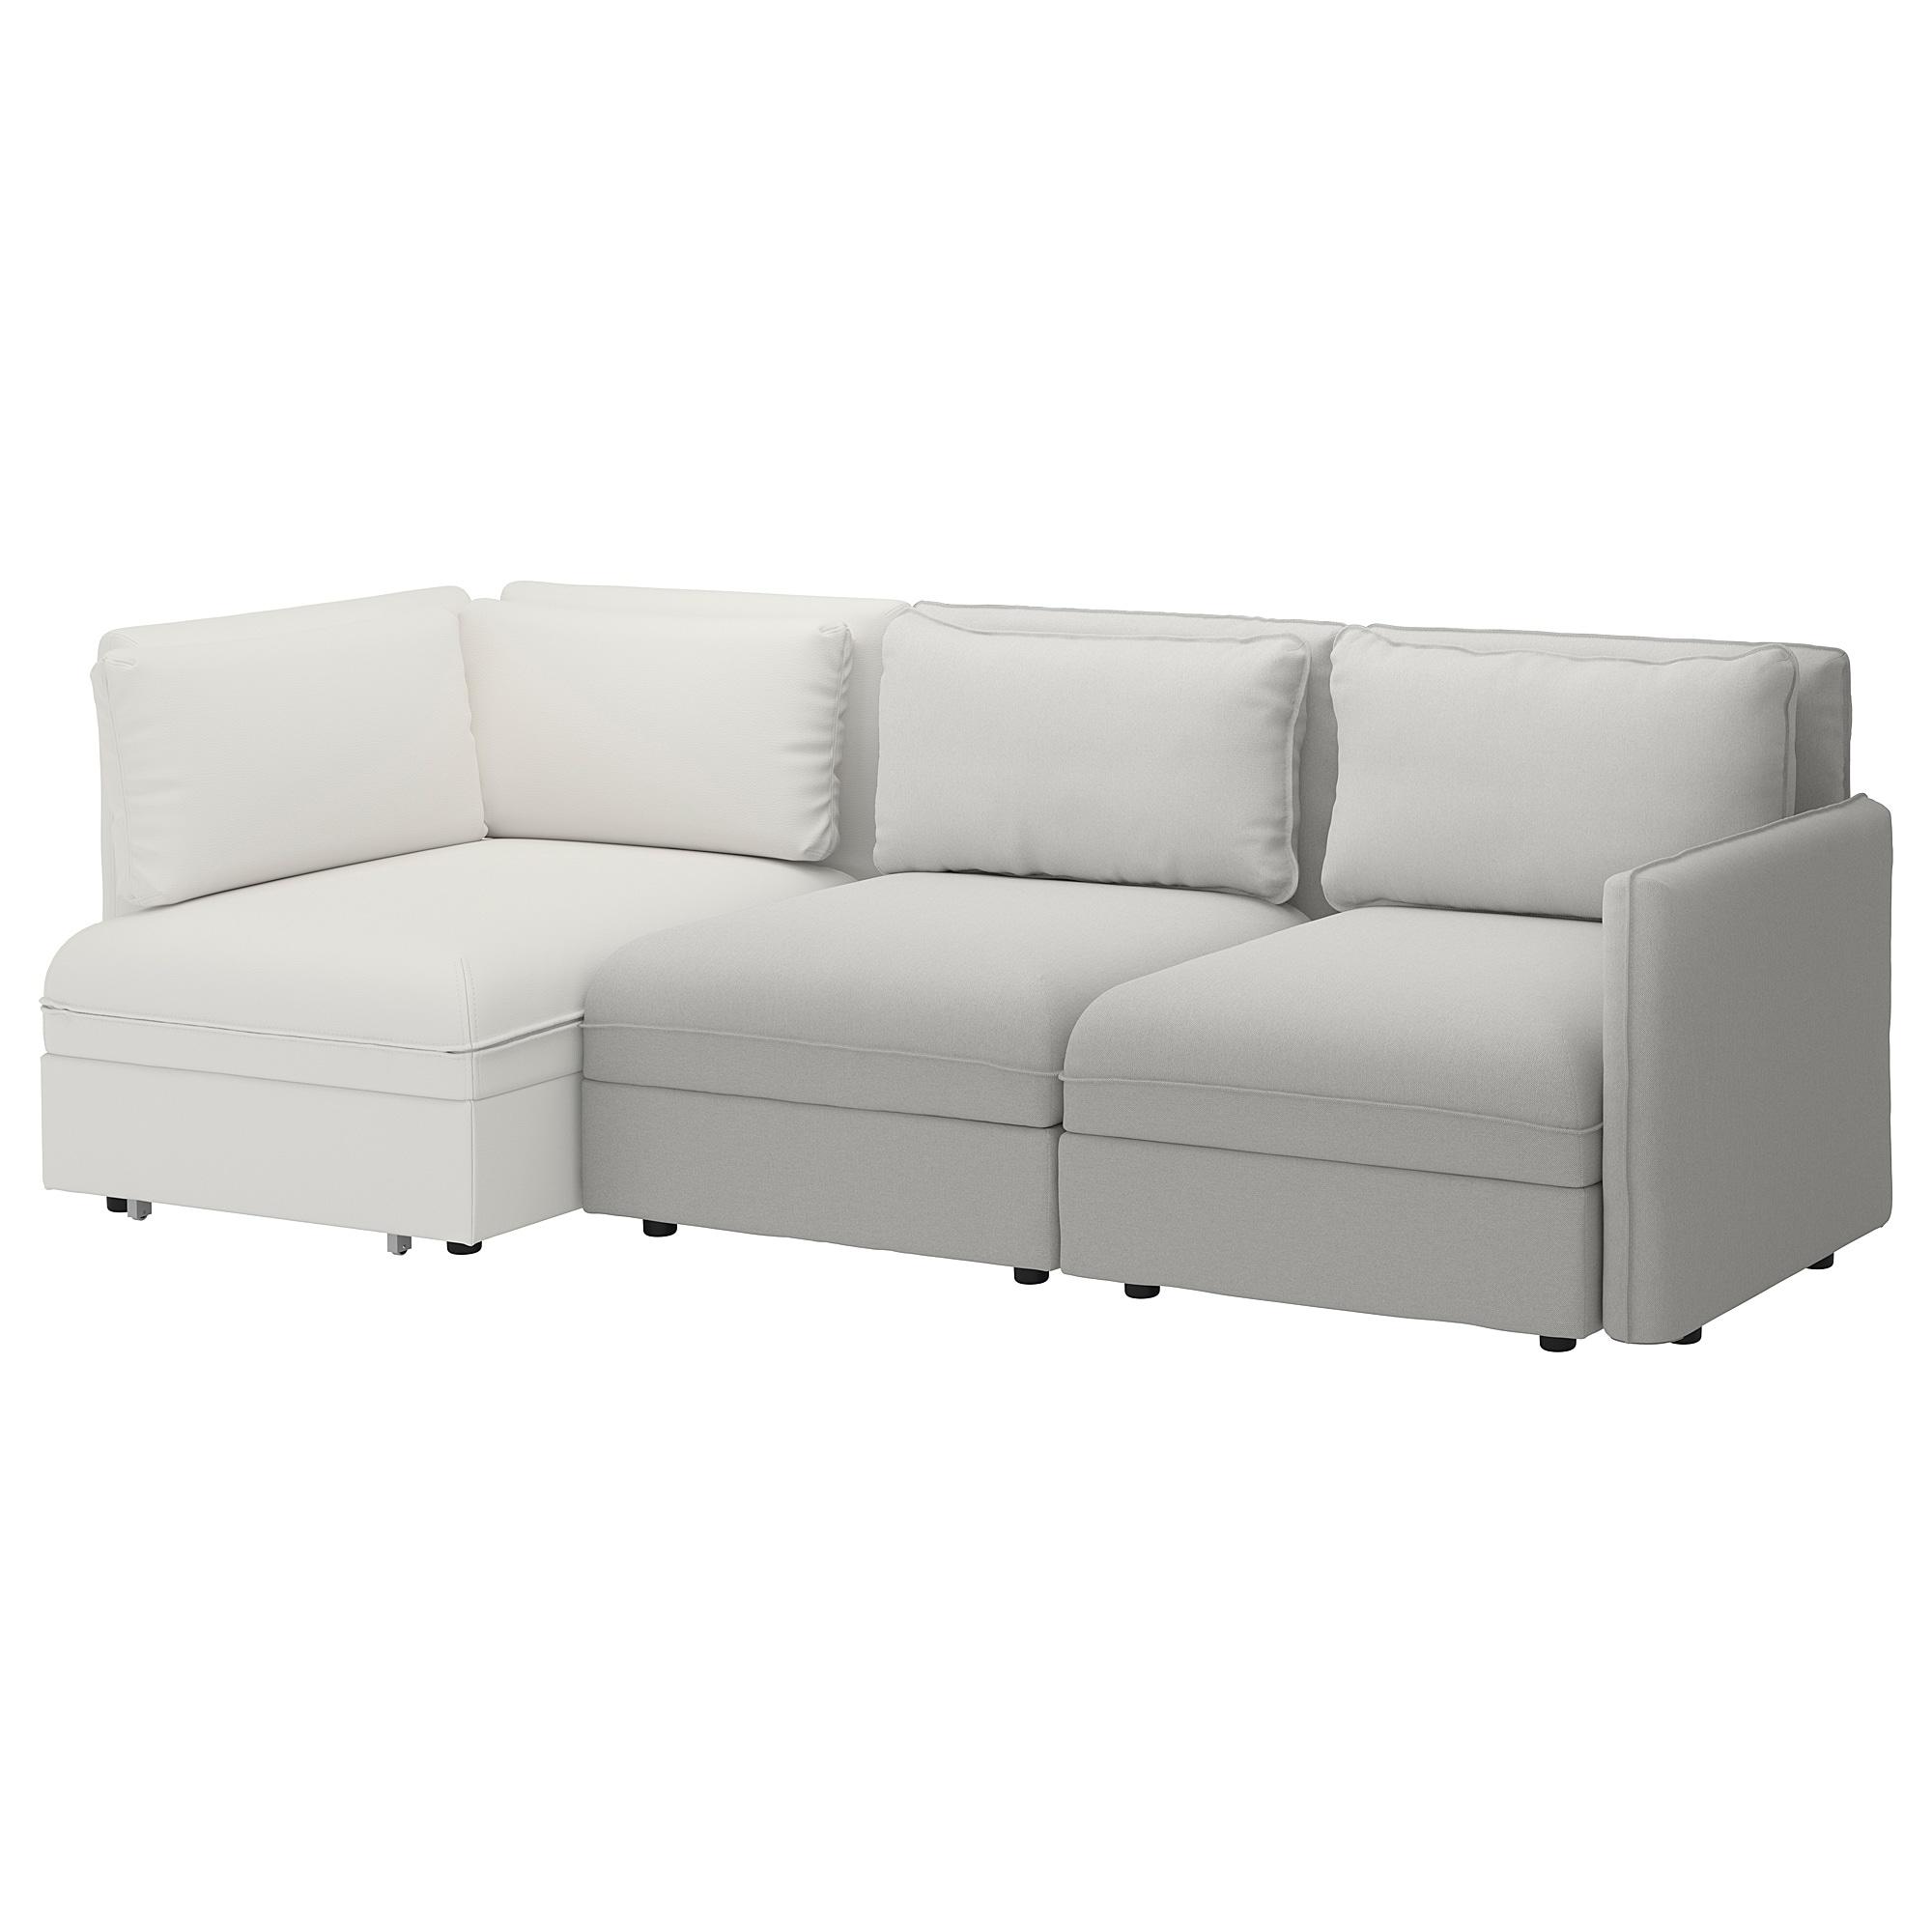 Vallentuna 3 Seat Modular Sleeper Sofa And Storage Orrsta Murum Light Gray White Modular Corner Sofa Sofa Sleeper Sofa